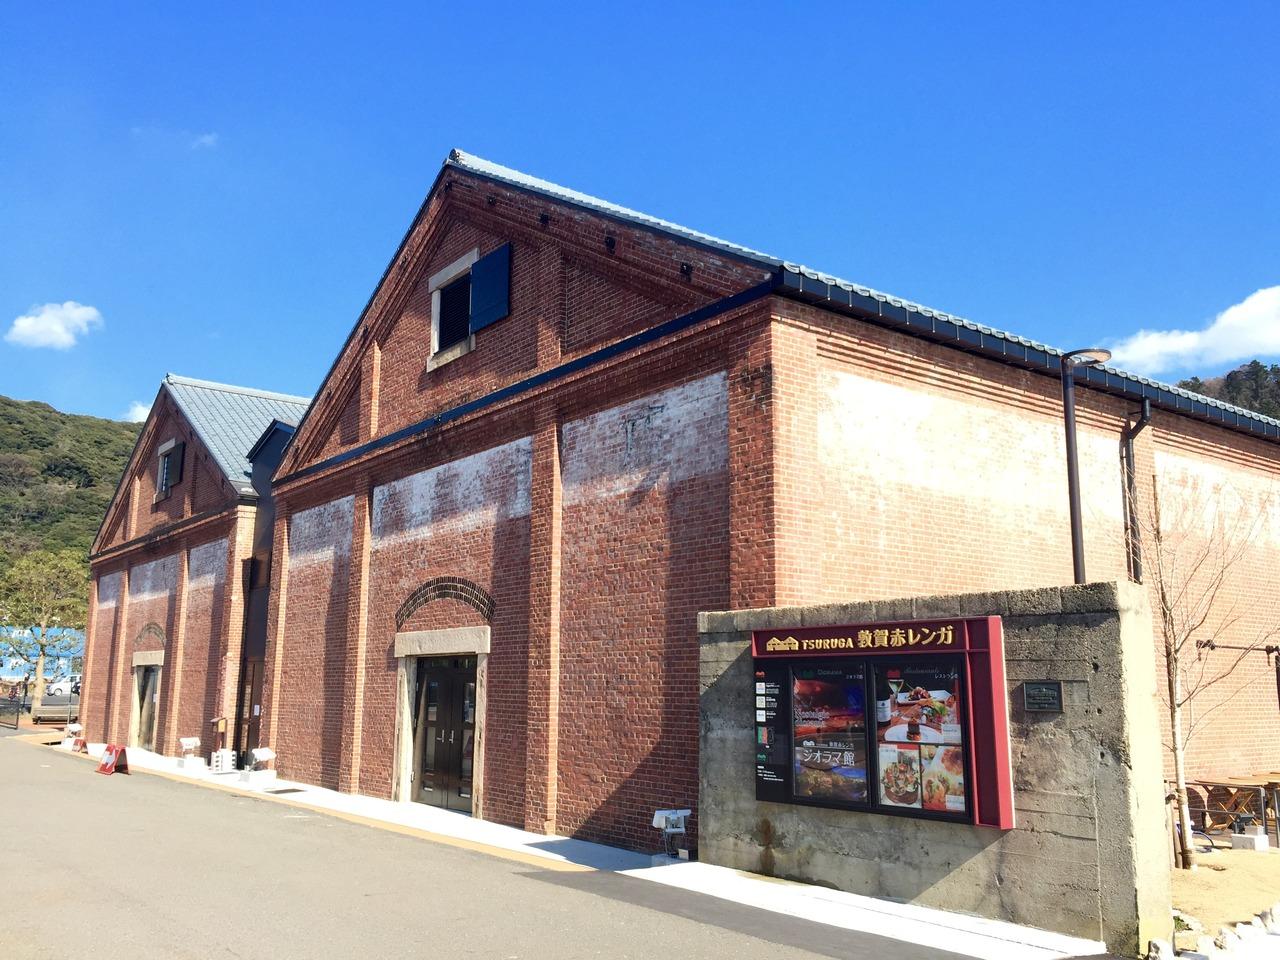 敦賀の赤レンガ倉庫・周辺でおすすめのレストランやカフェは?